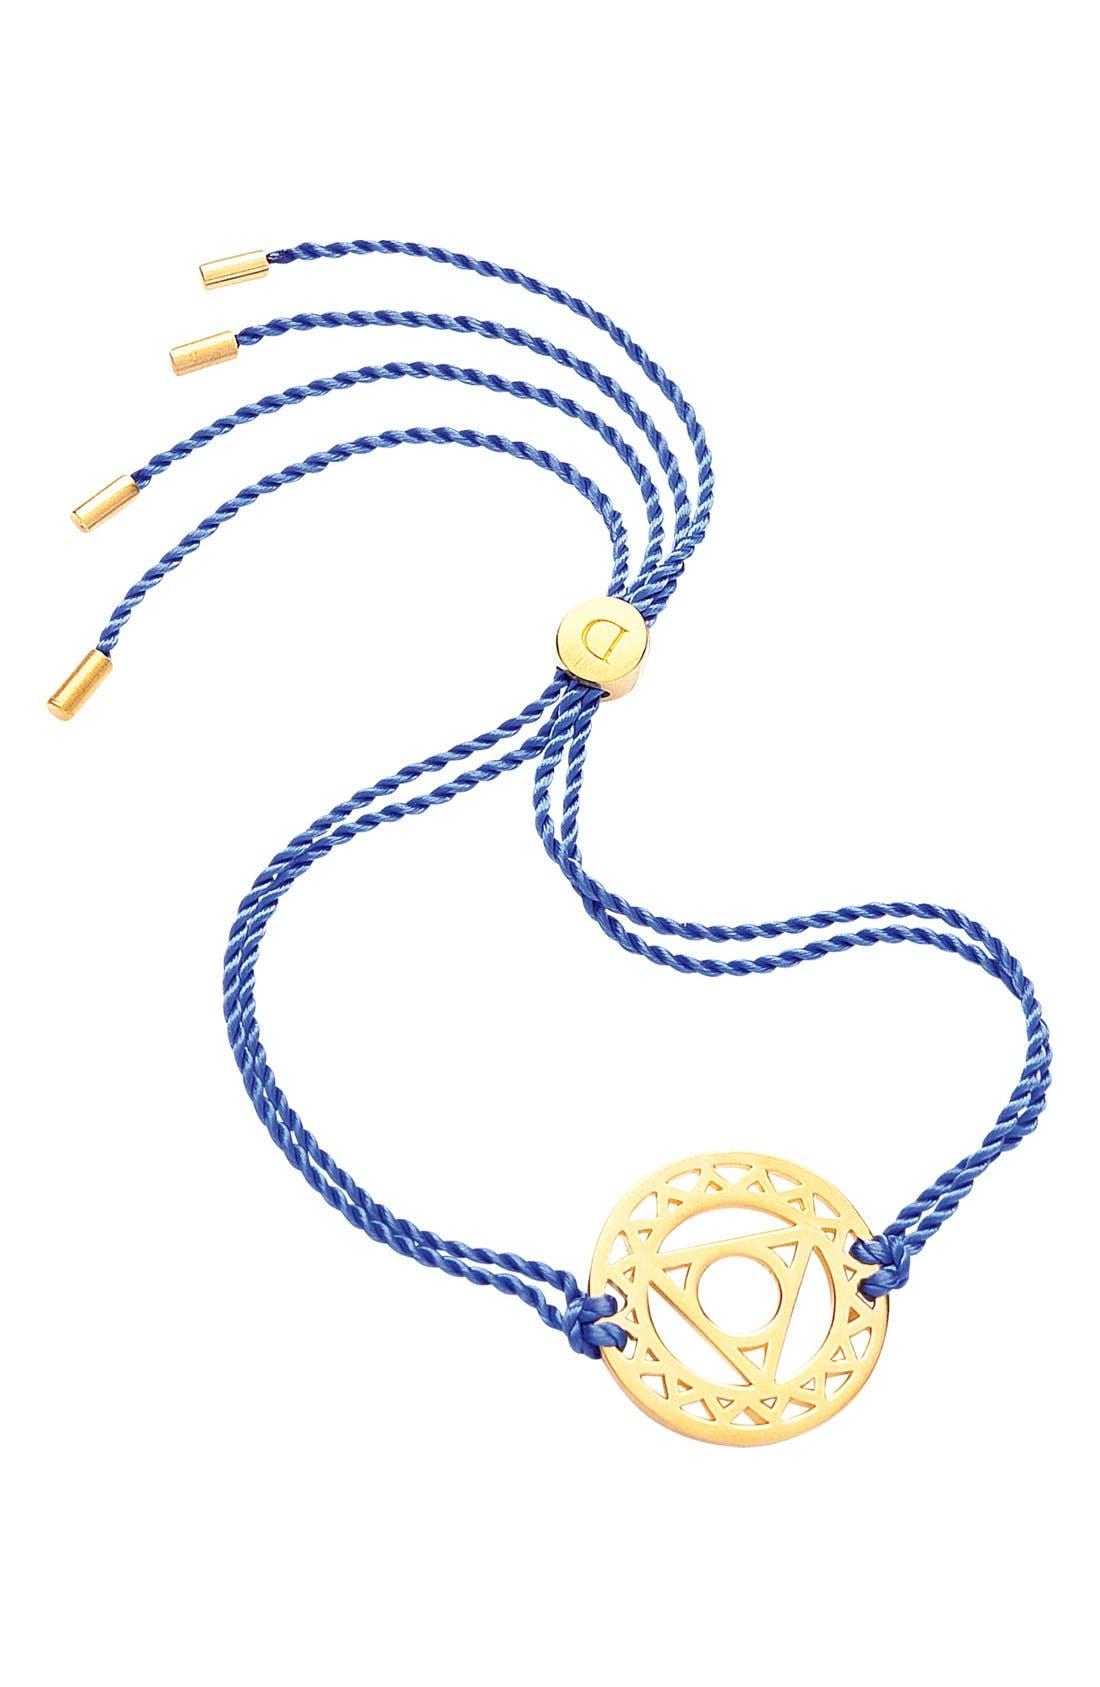 Main Image - Daisy London 'Throat Chakra' Cord Bracelet